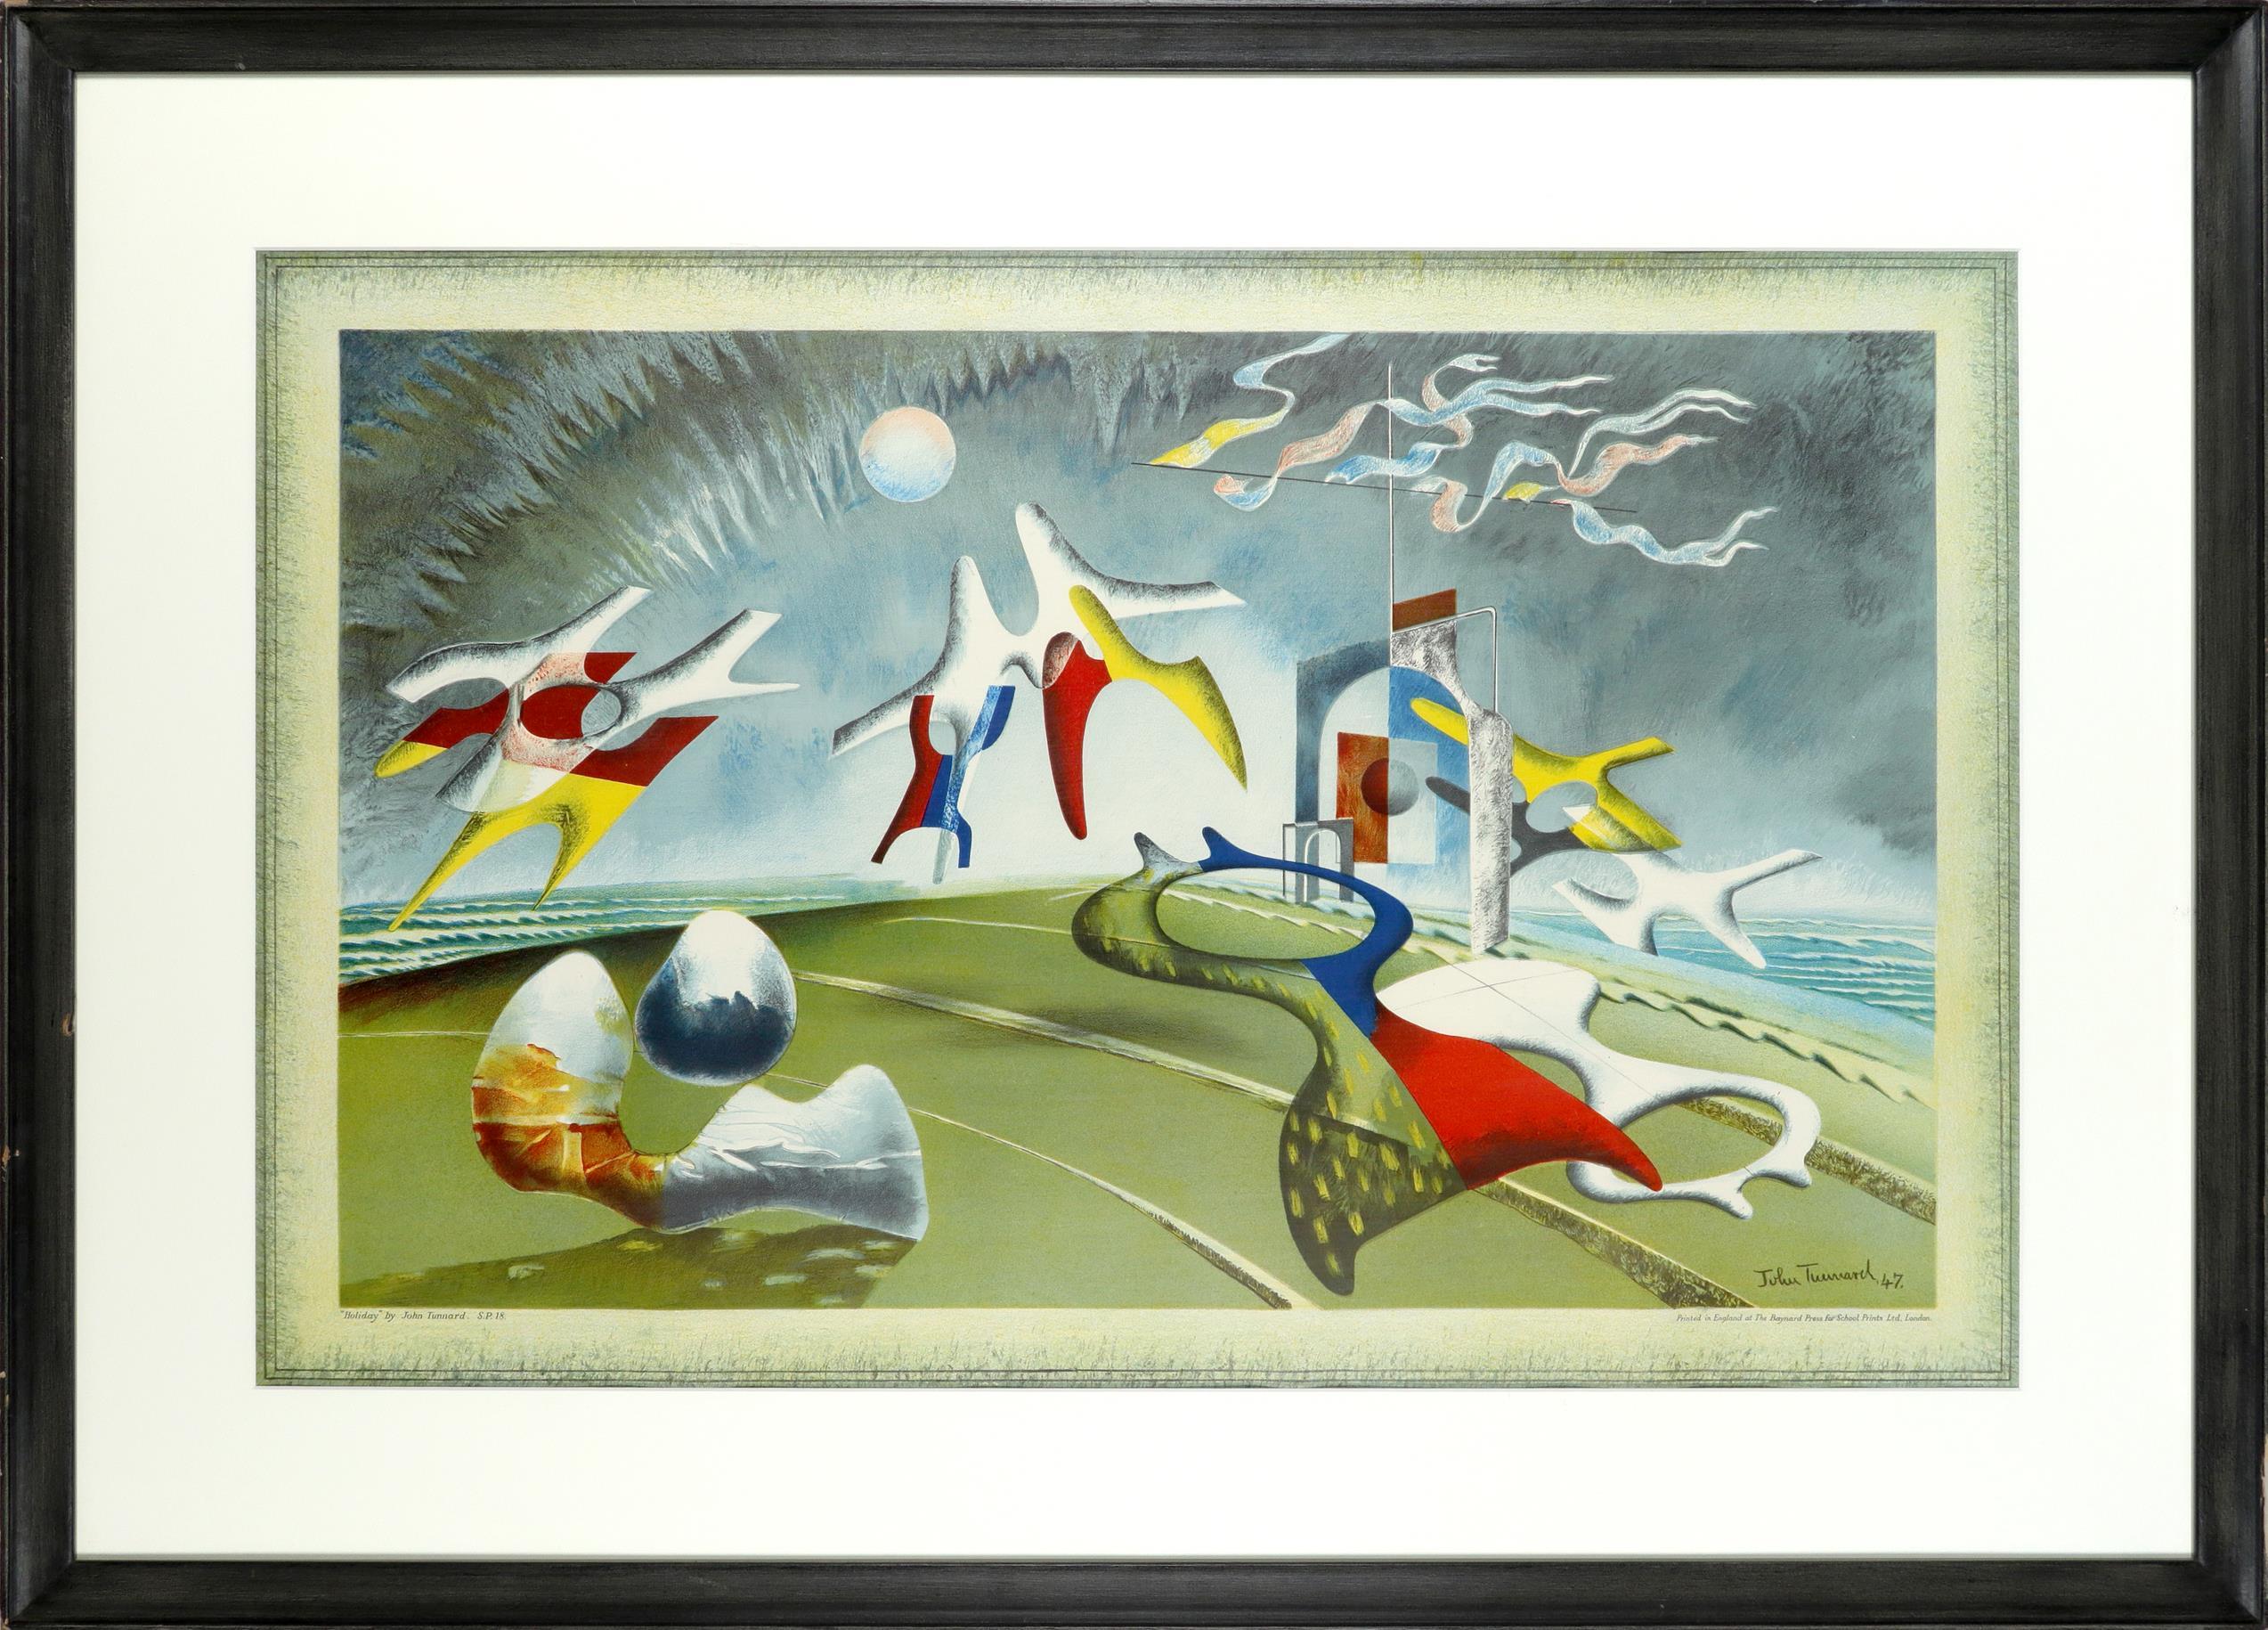 ‡John Tunnard ARA (1900-1971) Holiday Coloured lithograph, 1974, printed at The Baynard Press for - Image 2 of 3